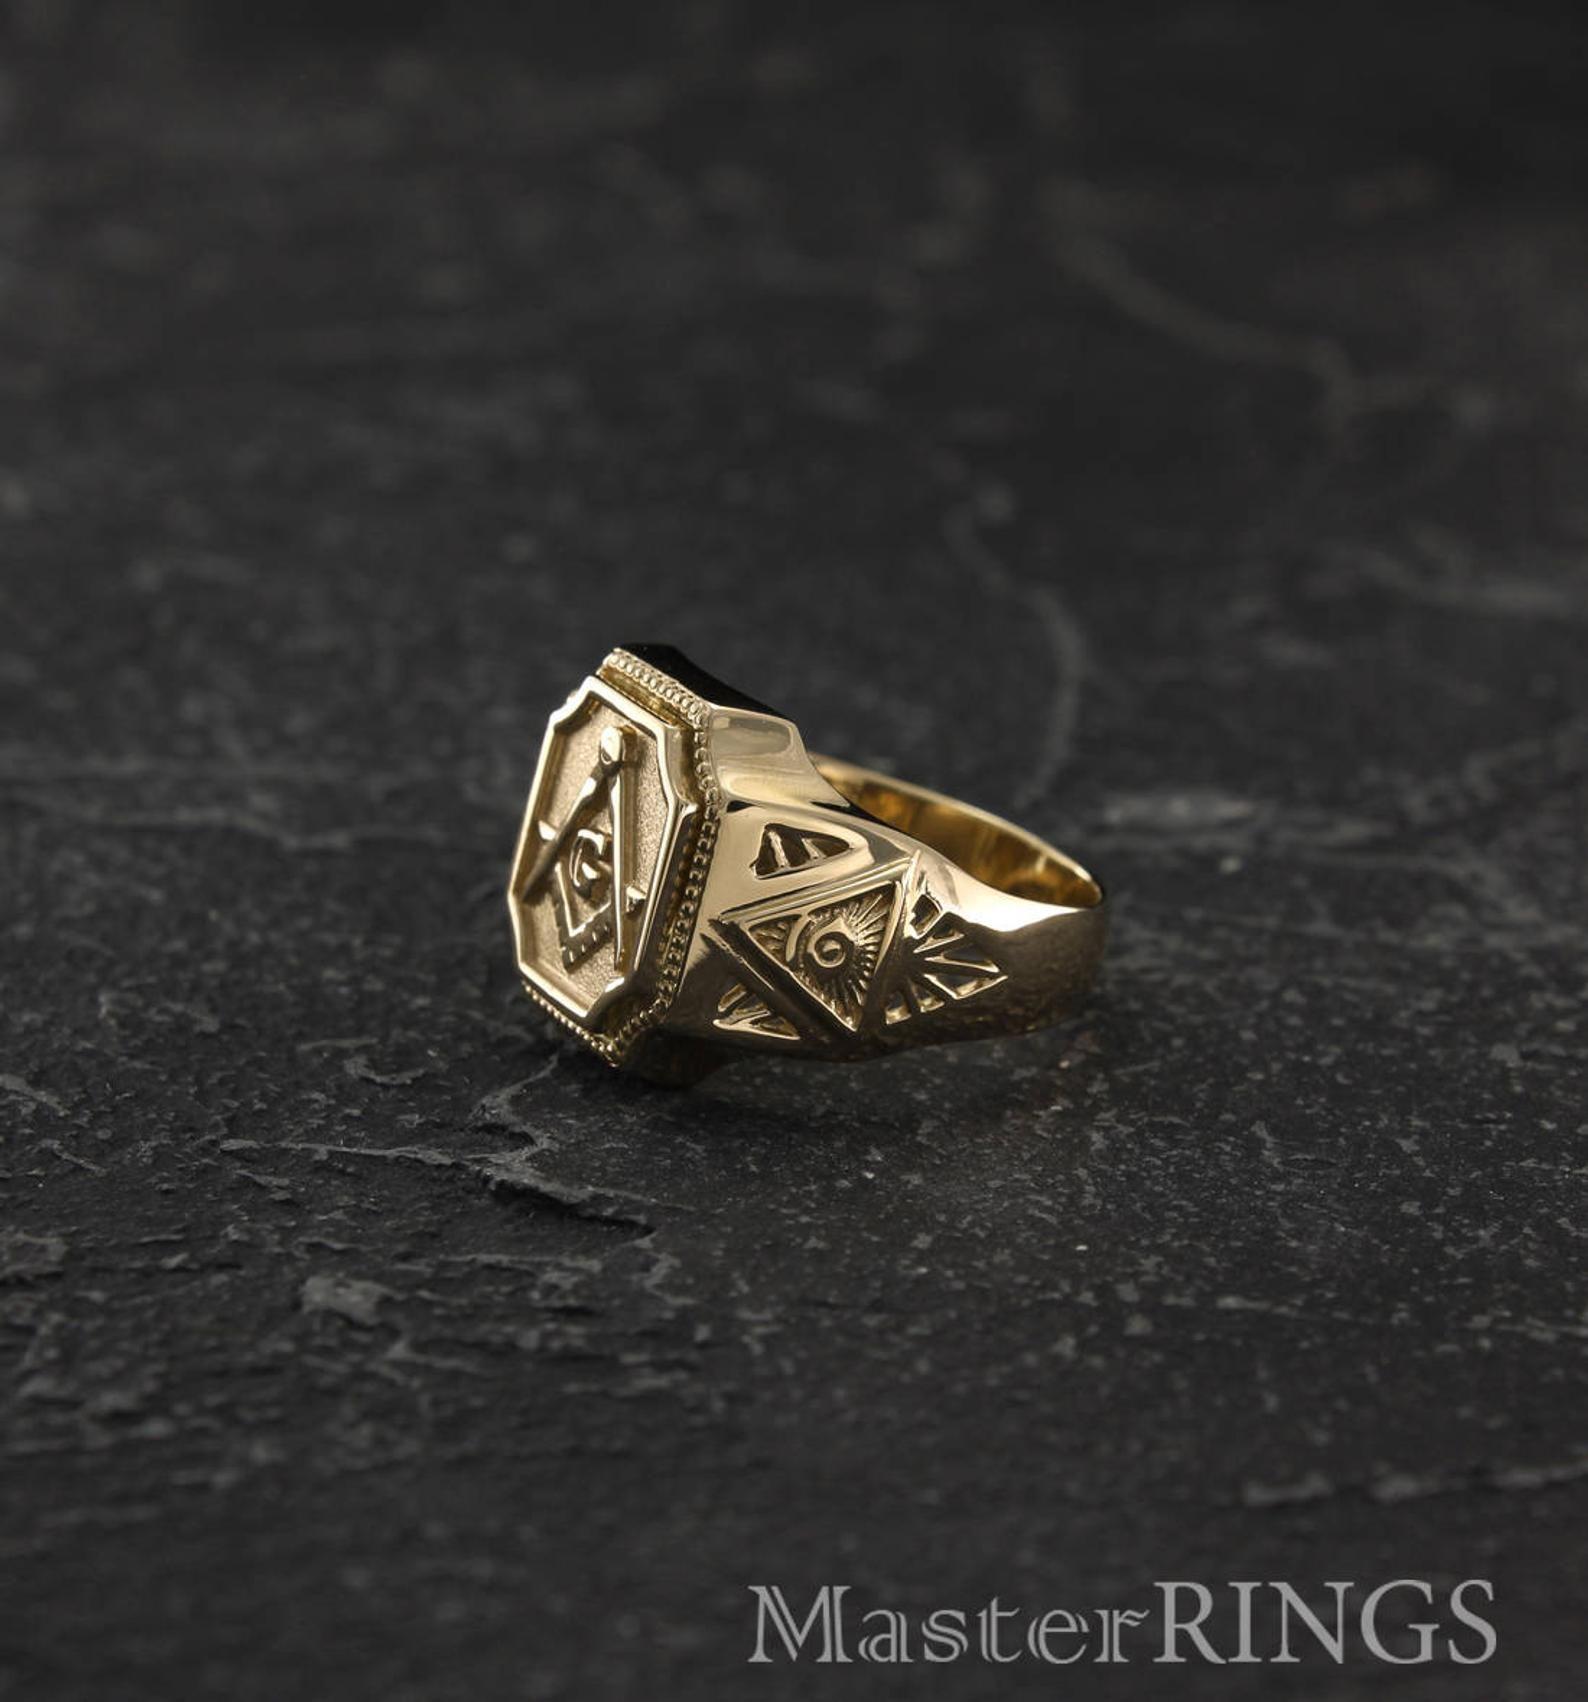 Anillo De Sello Masónico Anillo De Sello Masónico Grande Etsy Rings For Men Signet Ring Masonic Gifts